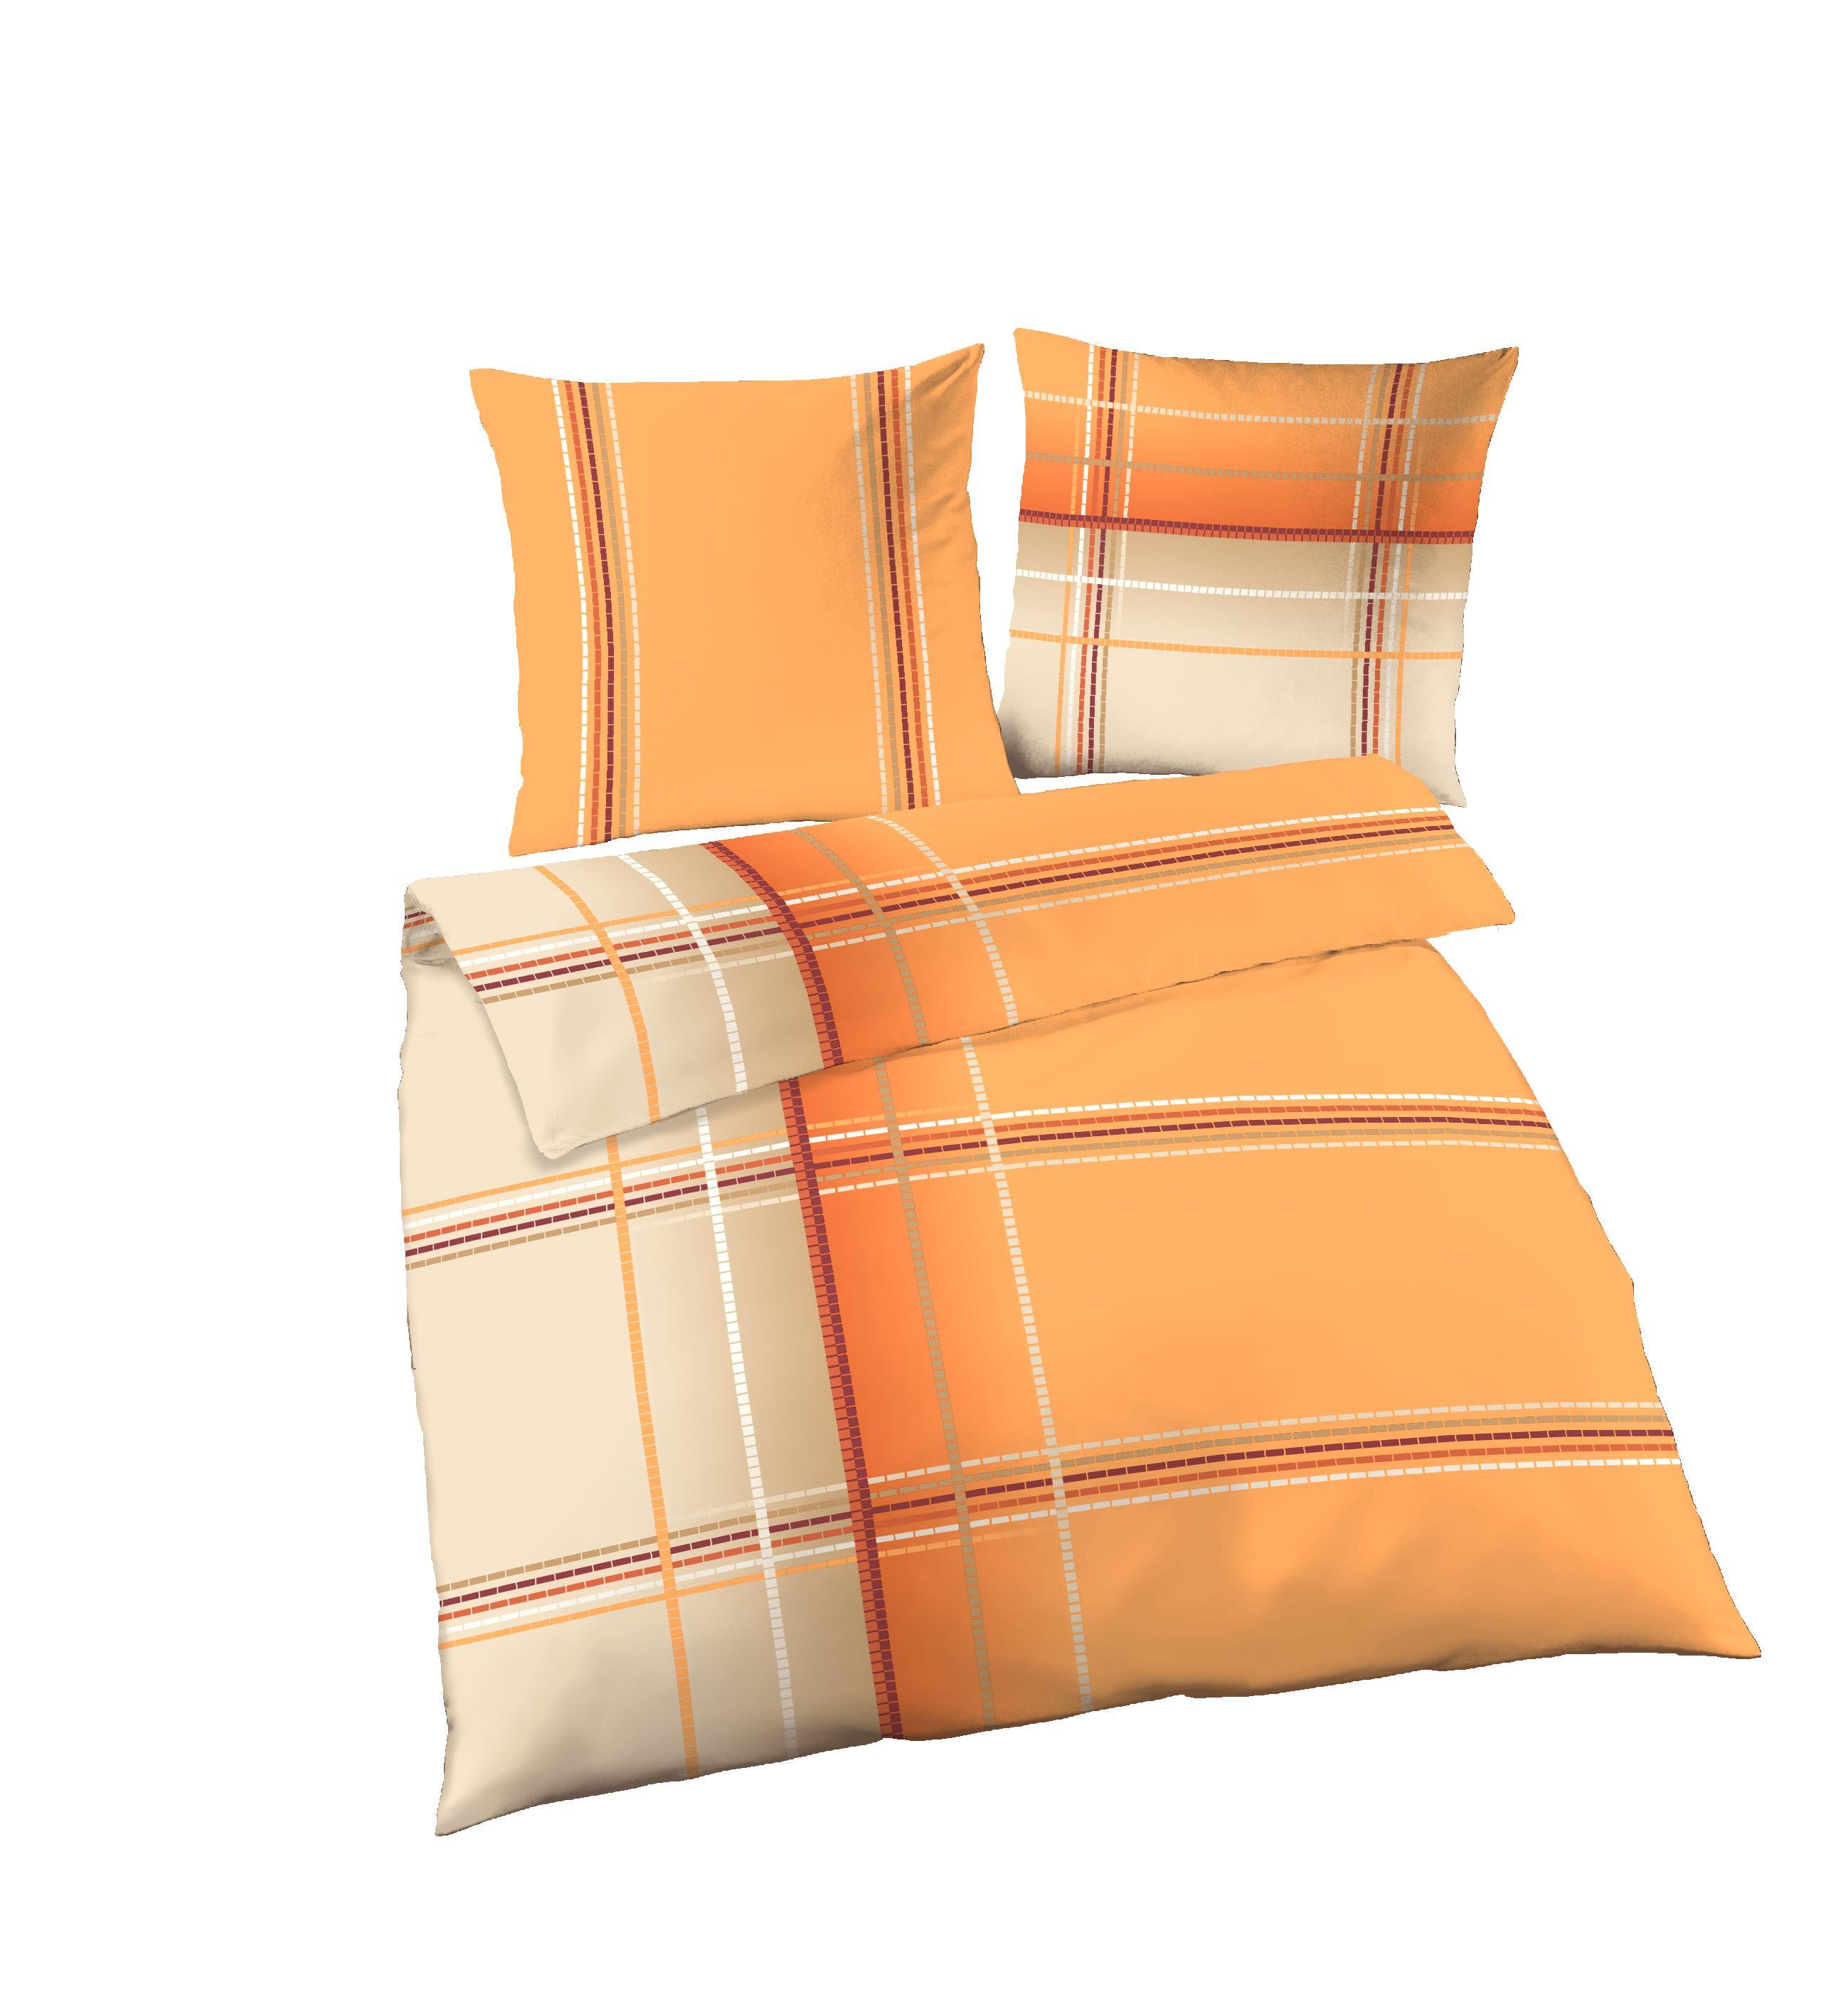 2 Tlg Bettwäsche 155x220 Cm Orange Beige übergröße Fein Biber